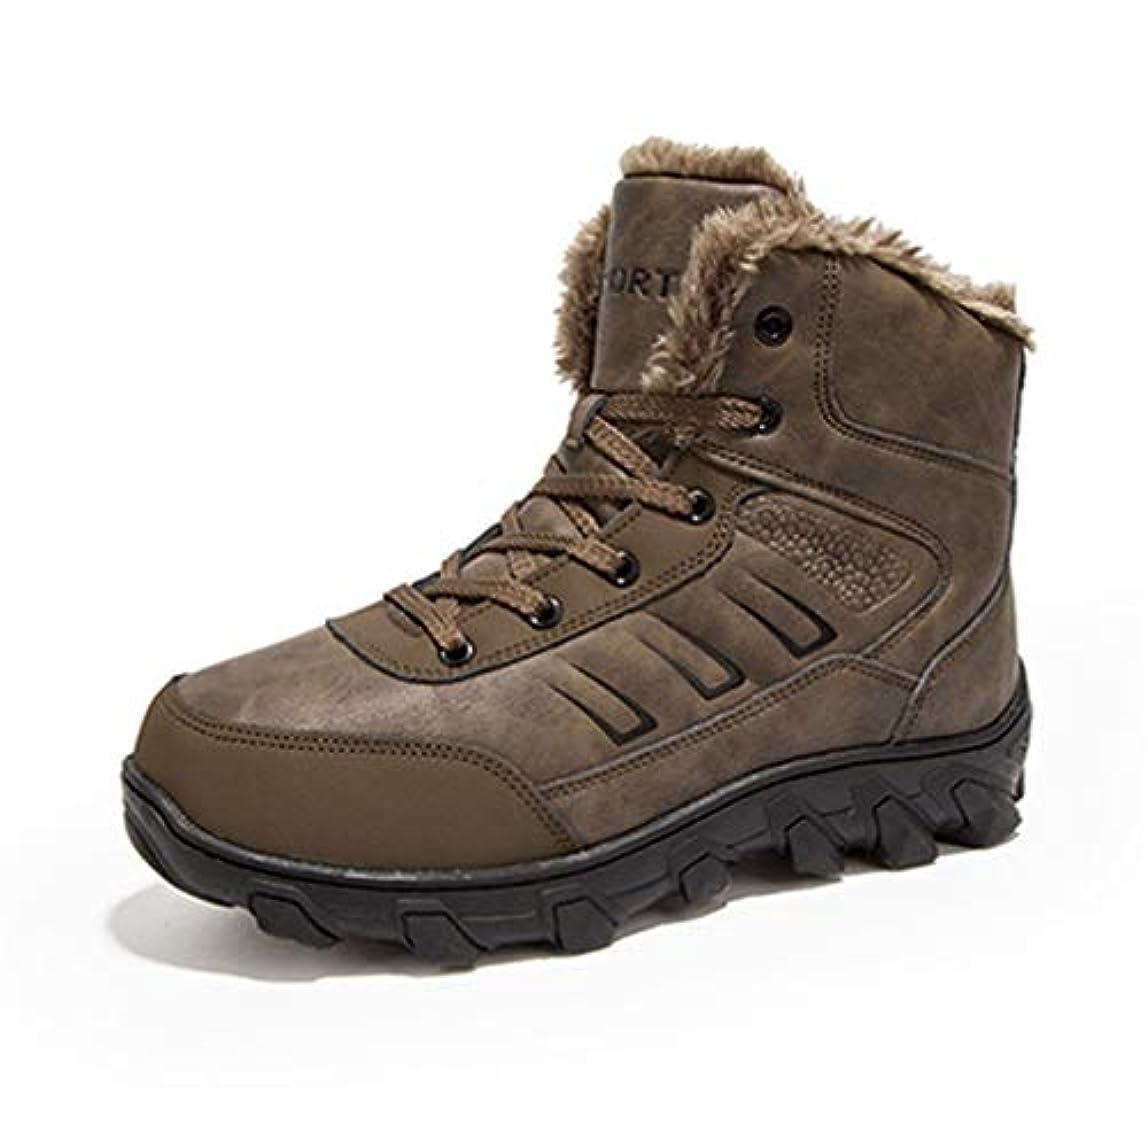 暗いこする協力的スノーブーツ ハイキングシューズ メンズ 大きいサイズ ショートブーツ 裏起毛 雪靴 防寒 防水 ブラック ブラウン ウィンターブーツ ハイカット 軽量 防滑 歩きやすい 冬用 父の日 ウォーキング